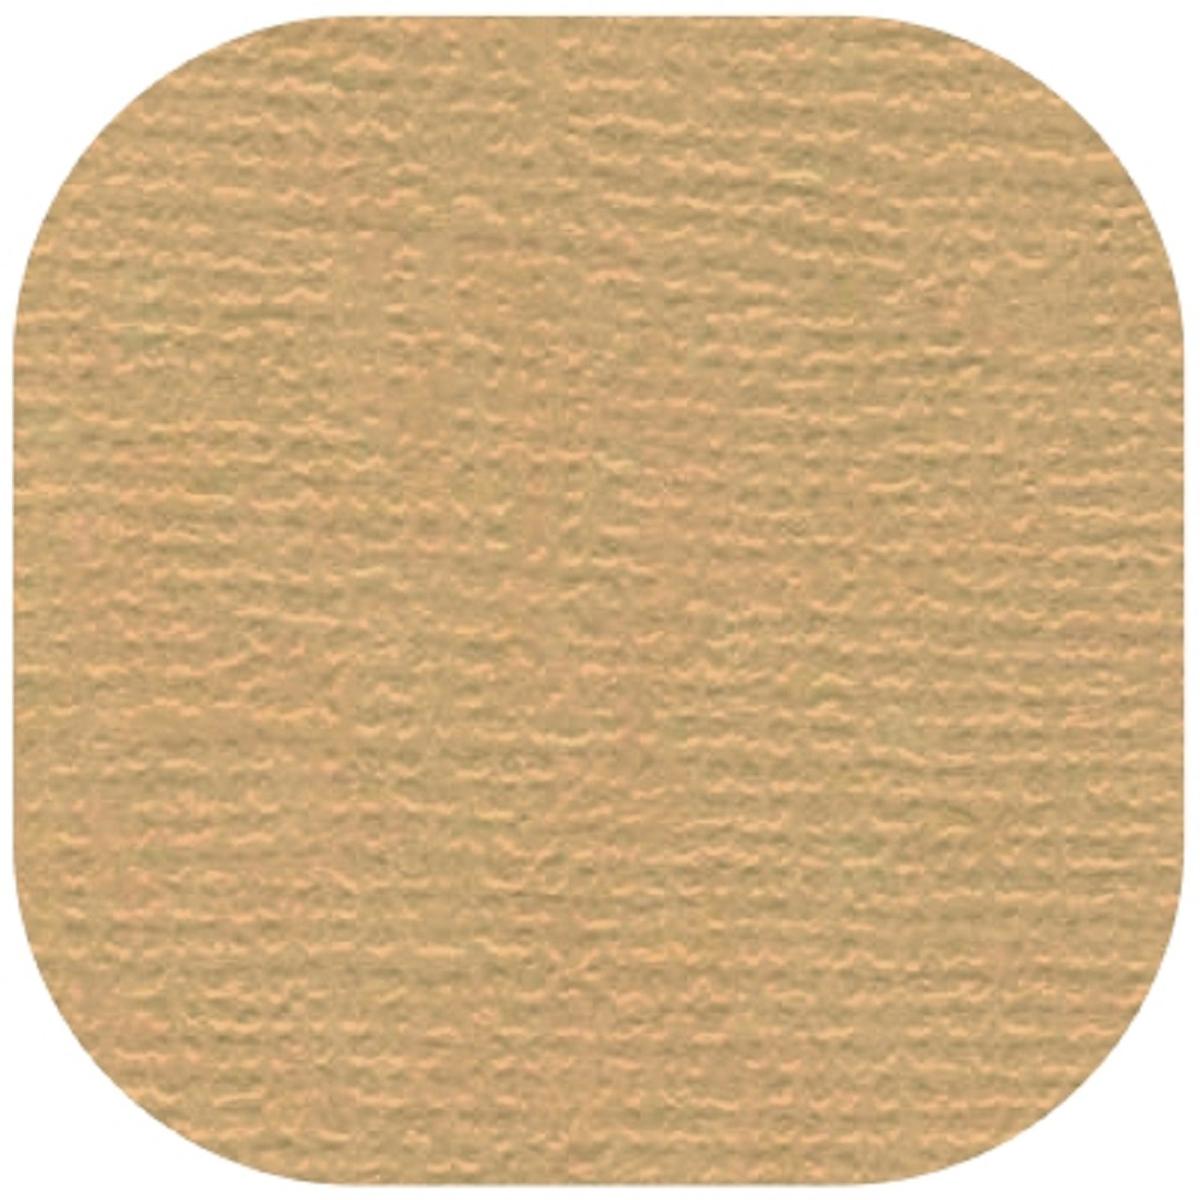 Бумага текстурированная Рукоделие Латте, 30,5 х 30,5 см, 10 листов бумага для декупажа рукоделие винтаж 50 х 39 5 см 6 листов